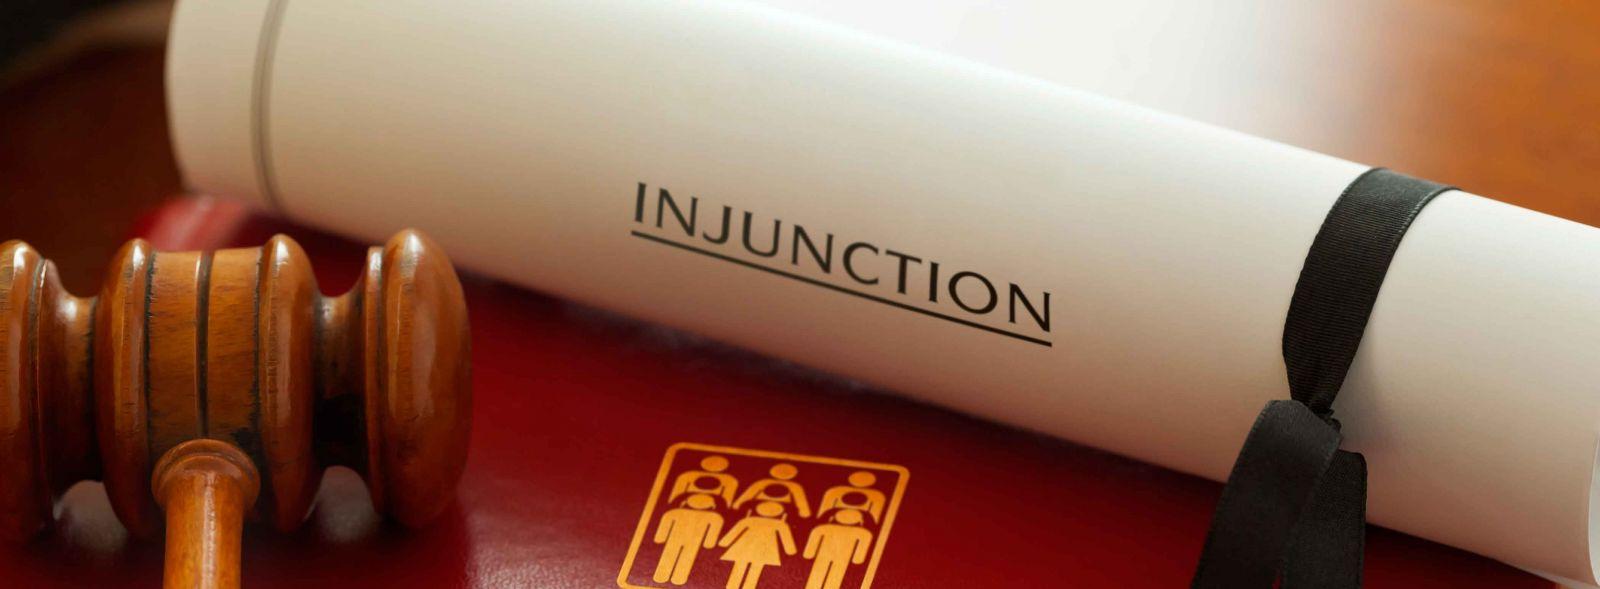 injunction-2.jpg